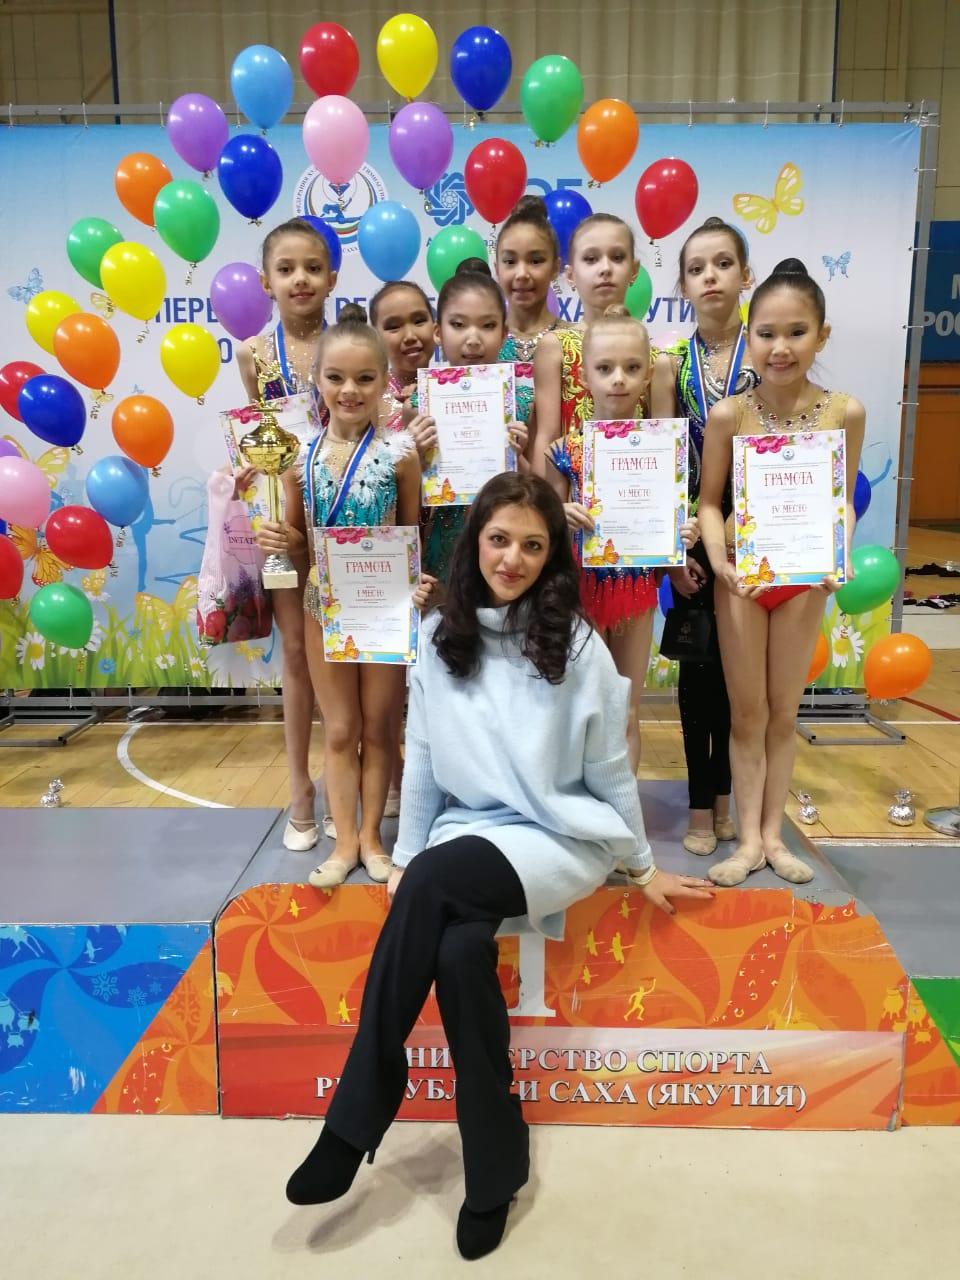 Кубок Федерации по художественной гимнастике Республики Саха (Якутия)